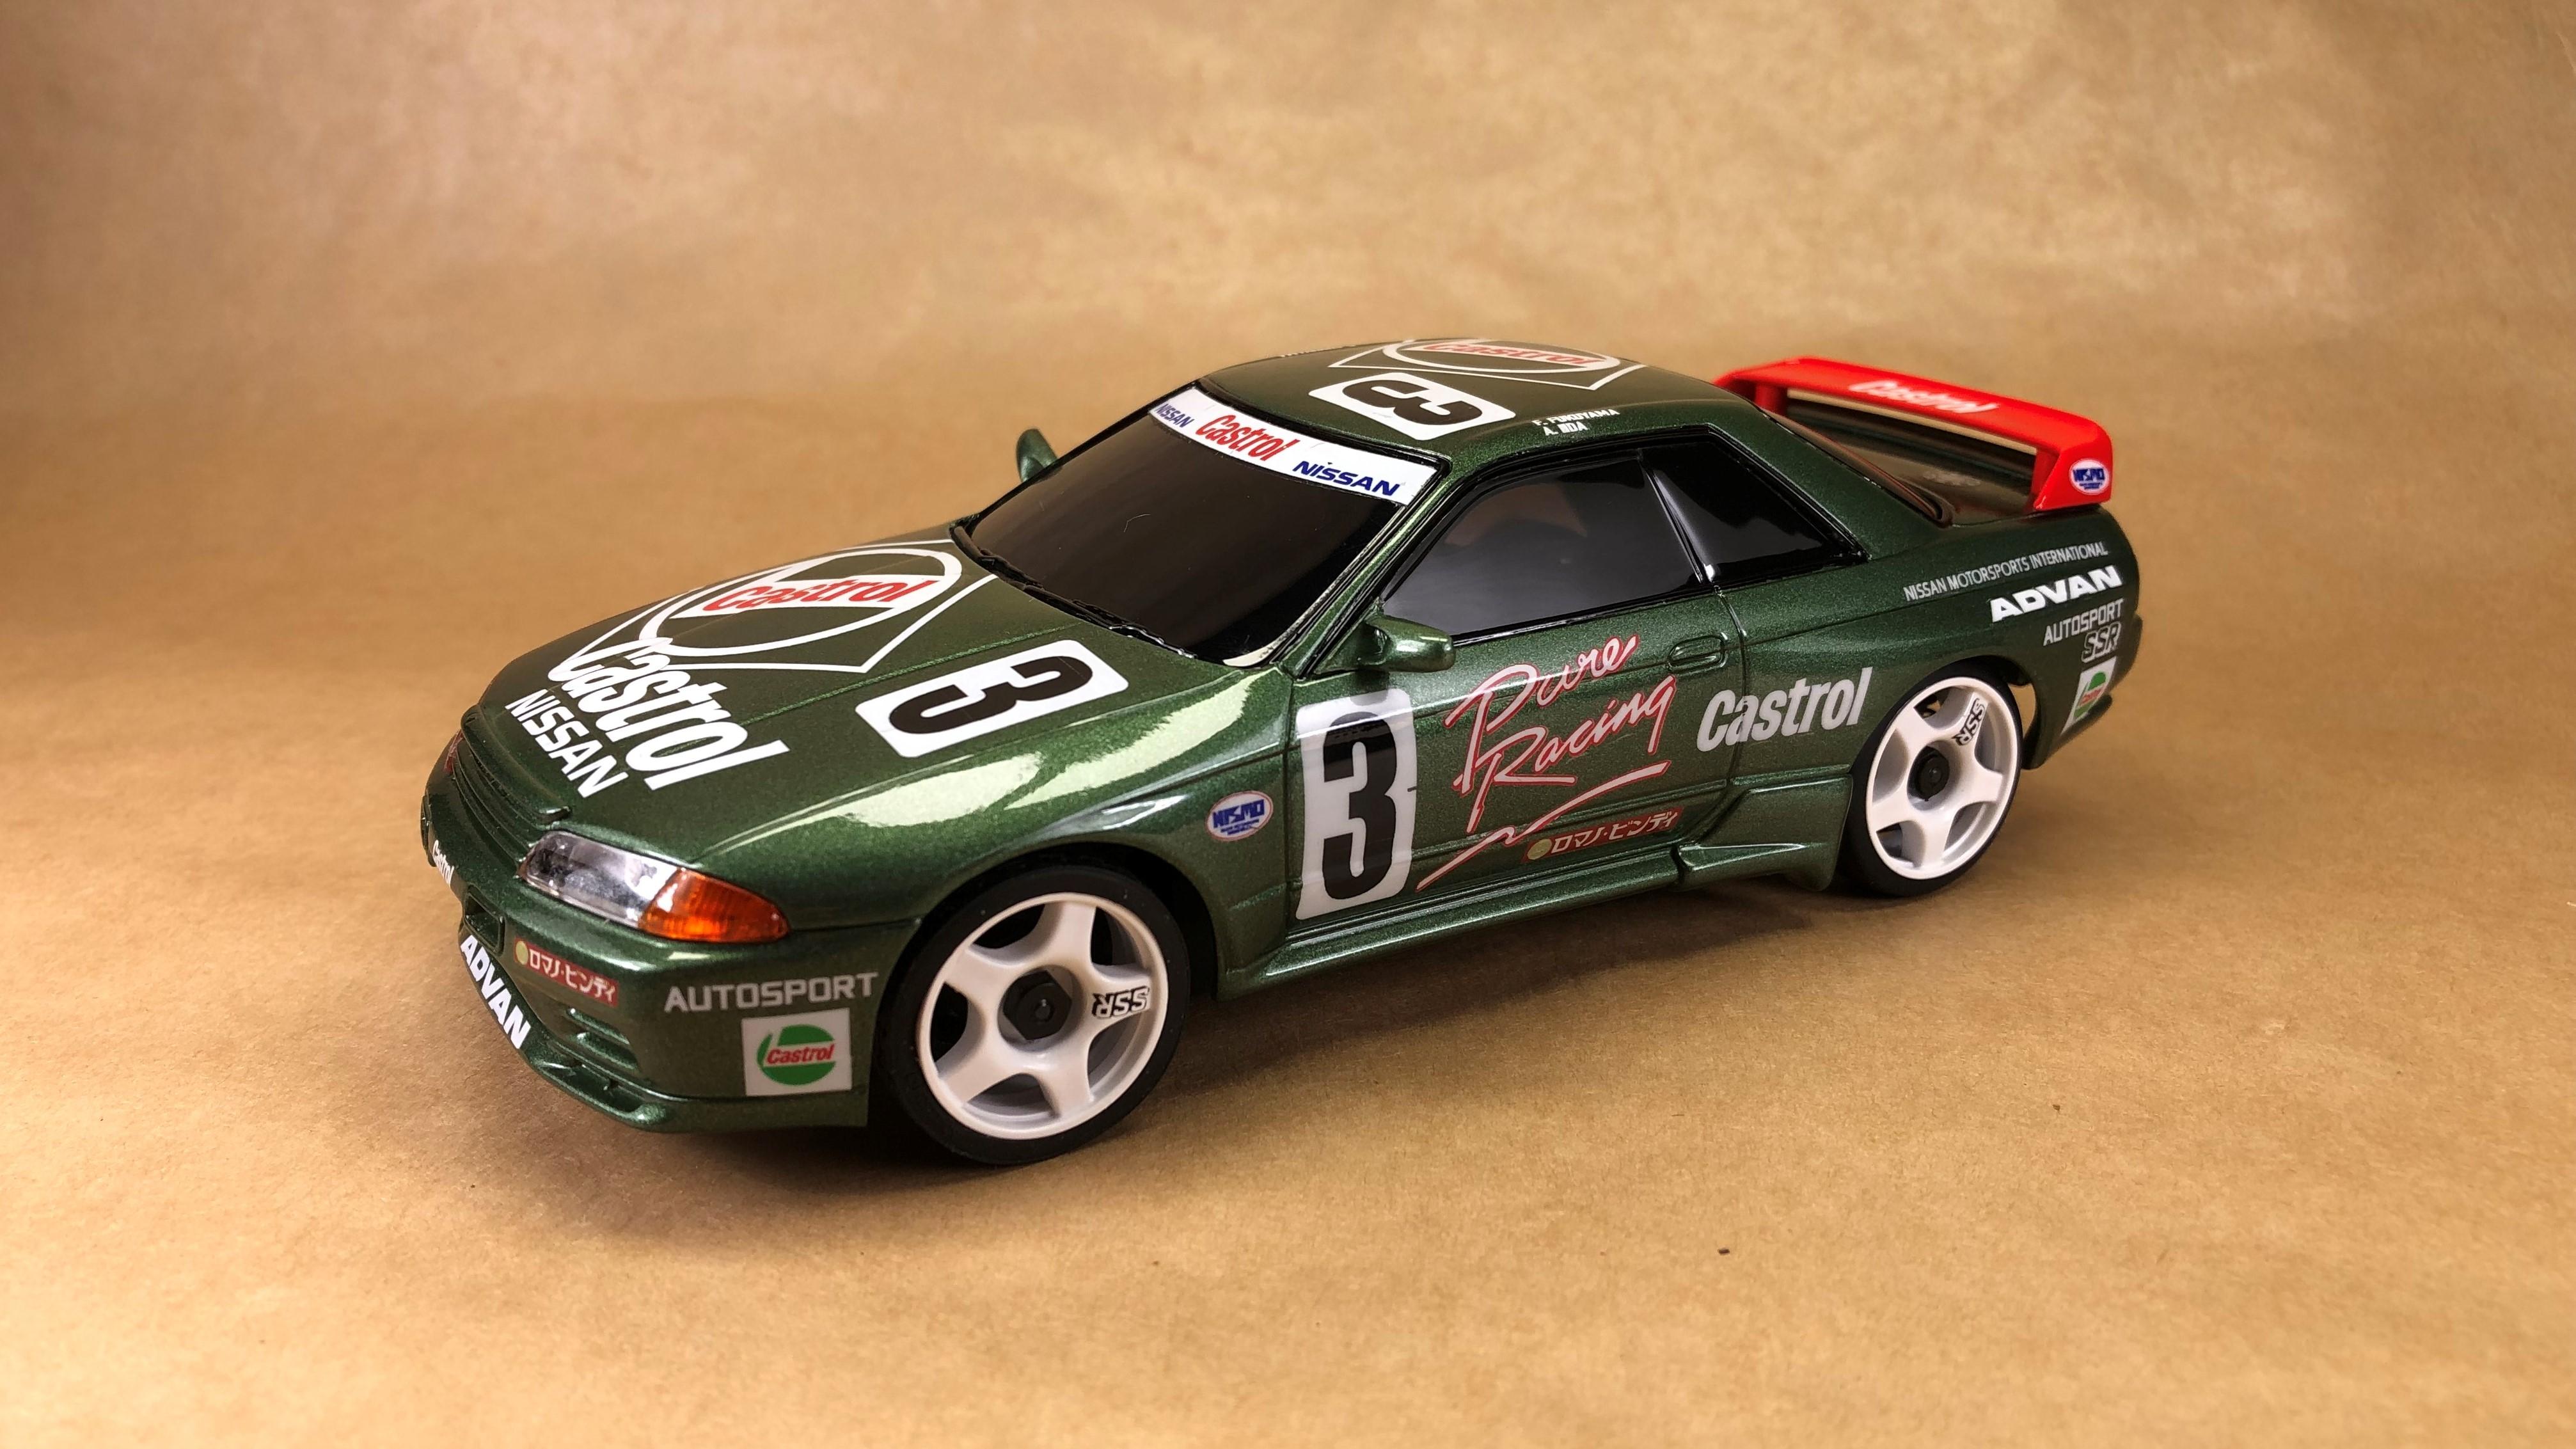 Nissan R32 #3 Castrol JTCC Img-1632385167-35